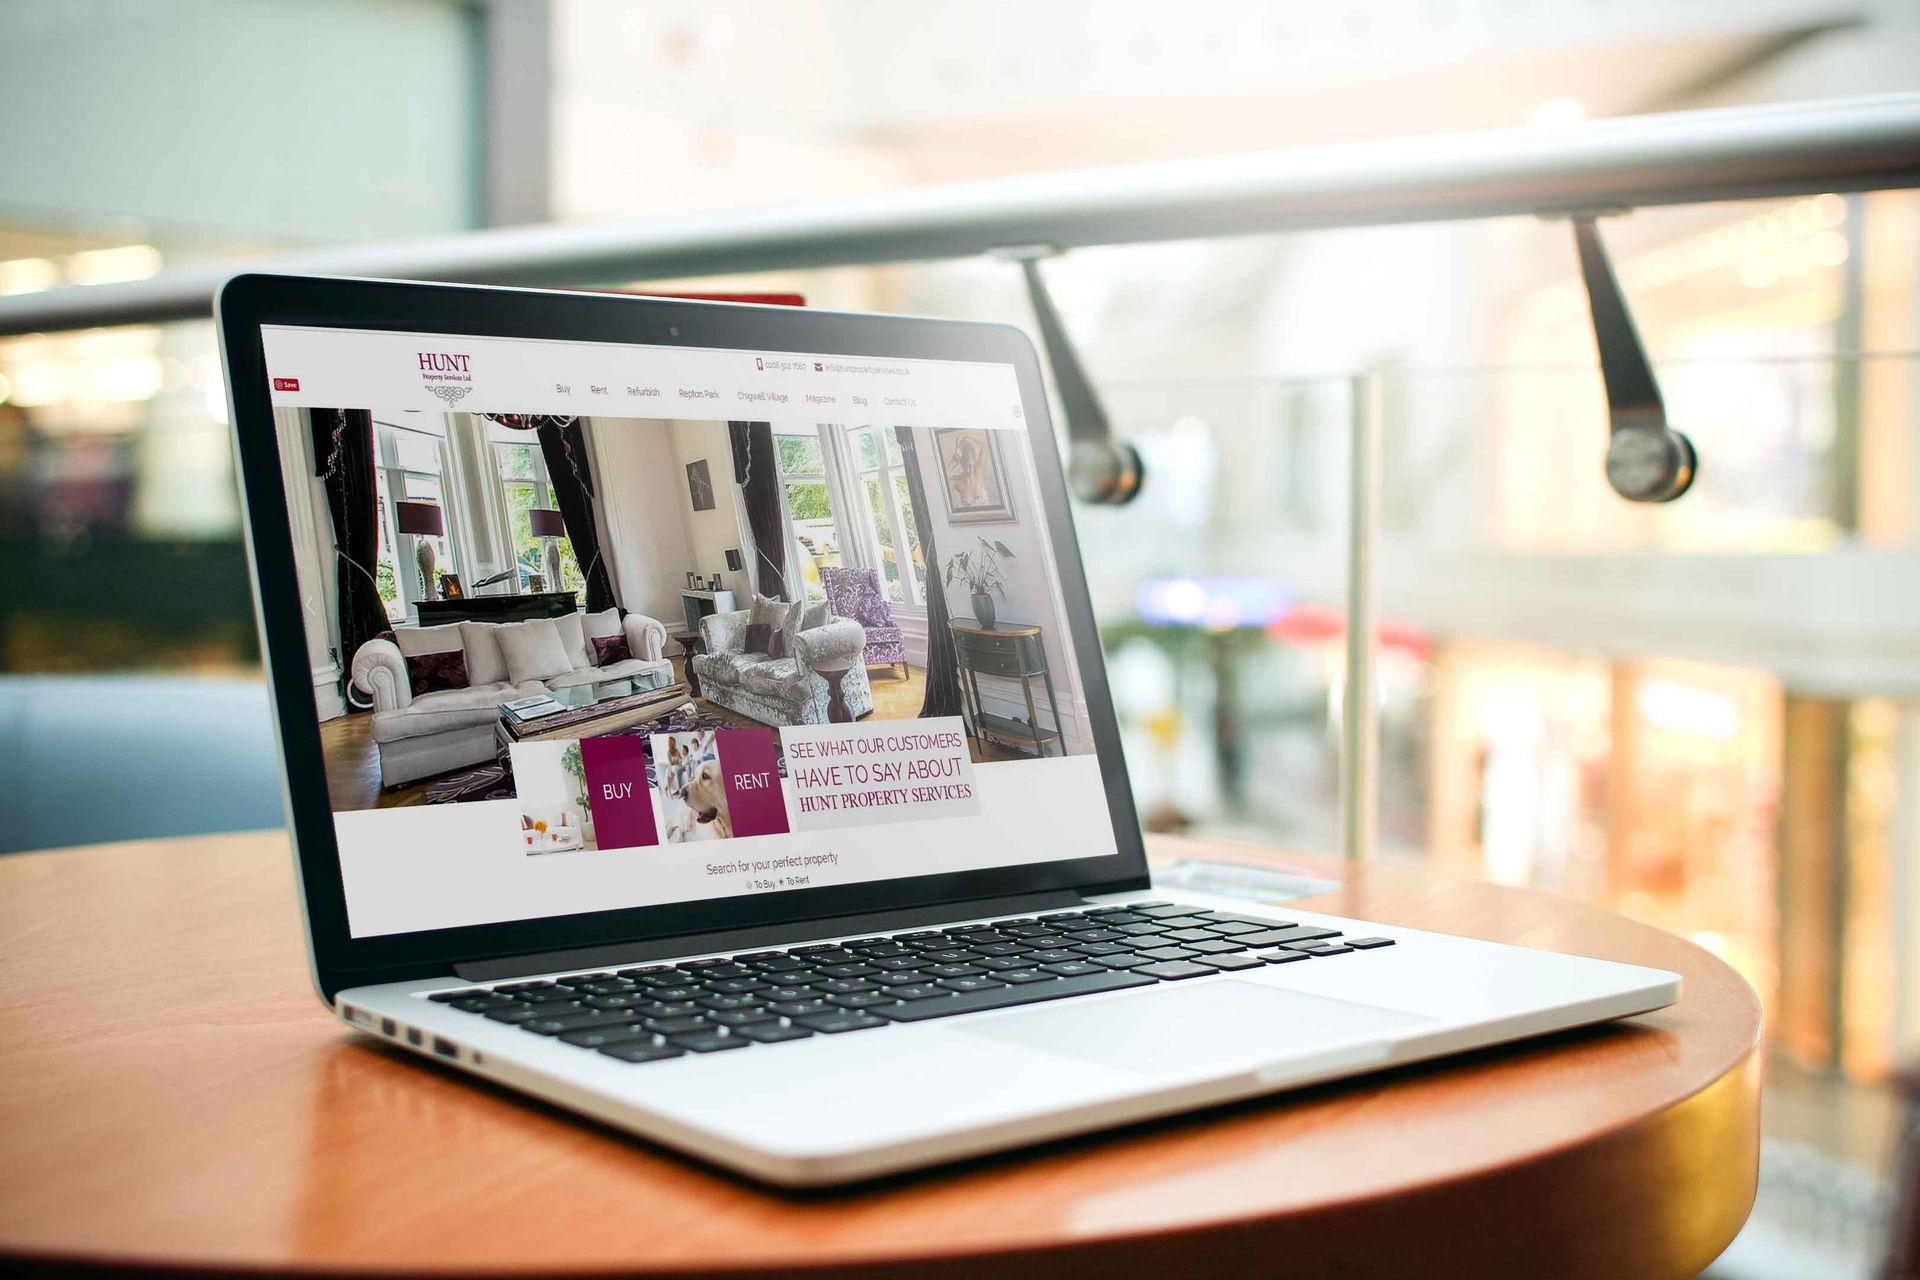 HOT! Cẩm nang kinh doanh online và triển khai website bán hàng hiệu quả cho người mới bắt đầu